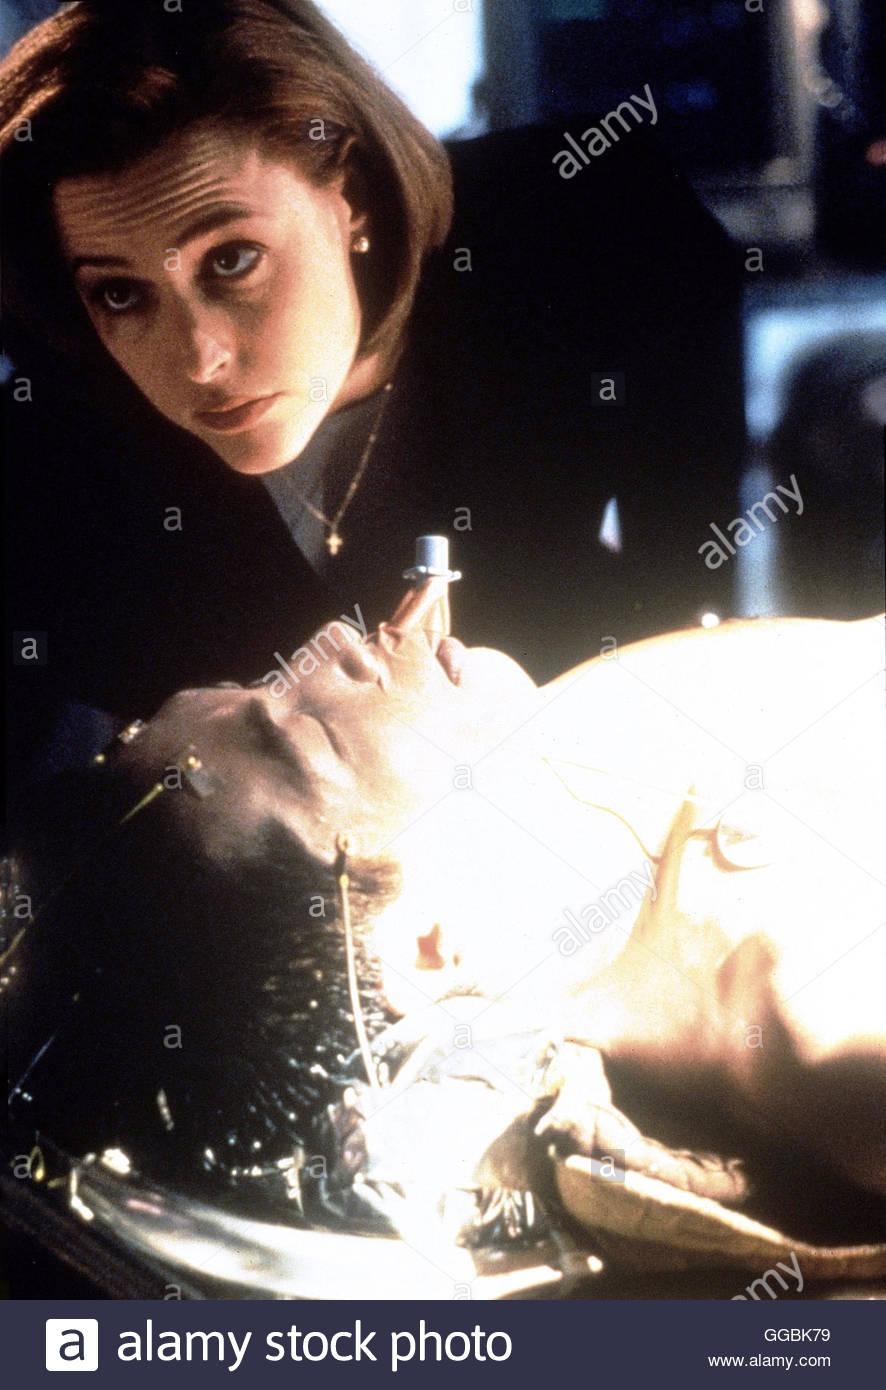 AKTE X - DIE UNHEIMLICHEN FÄLLE DES FBI / Sporen (The X-Files) USA 1999 / Fox Mulder und Dana Scully finden - Stock Image